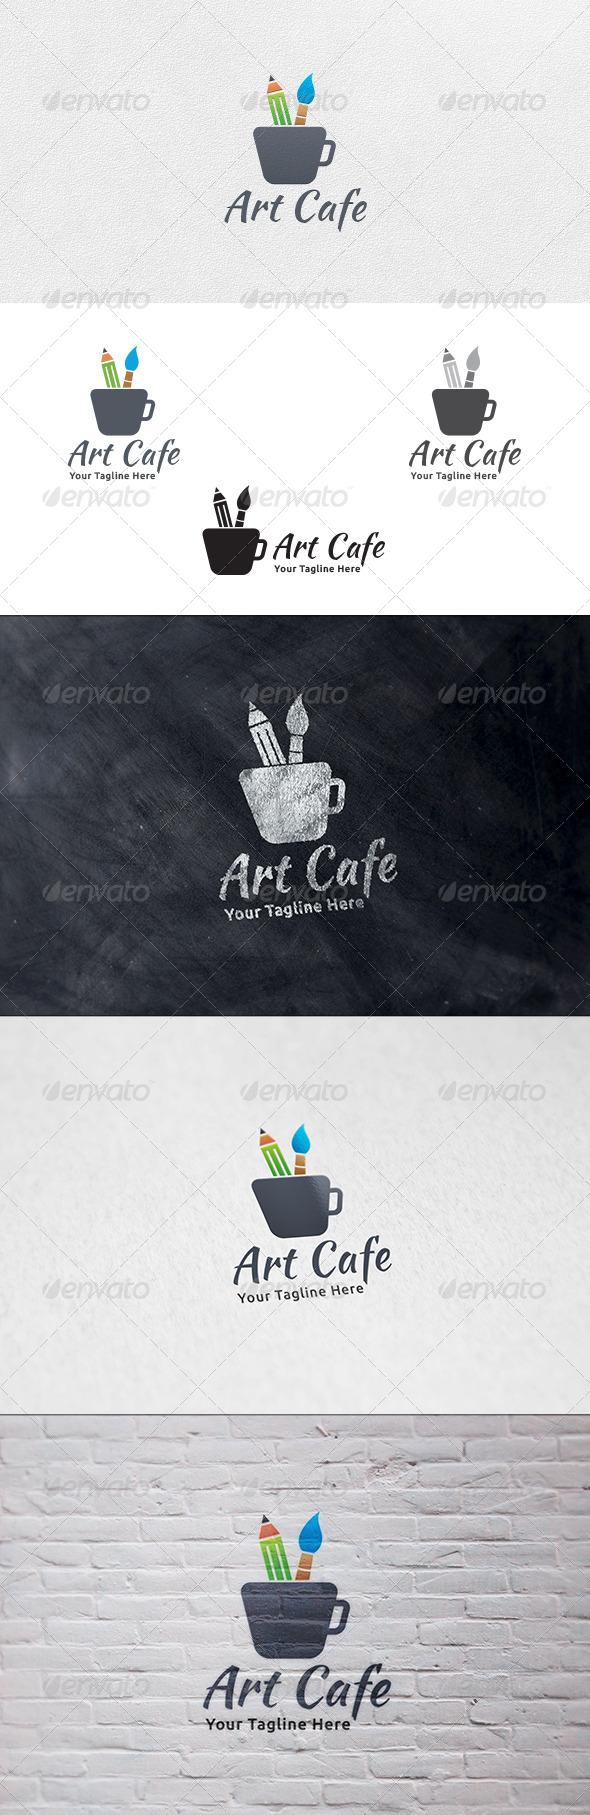 GraphicRiver Art Cafe Logo Template 6769650